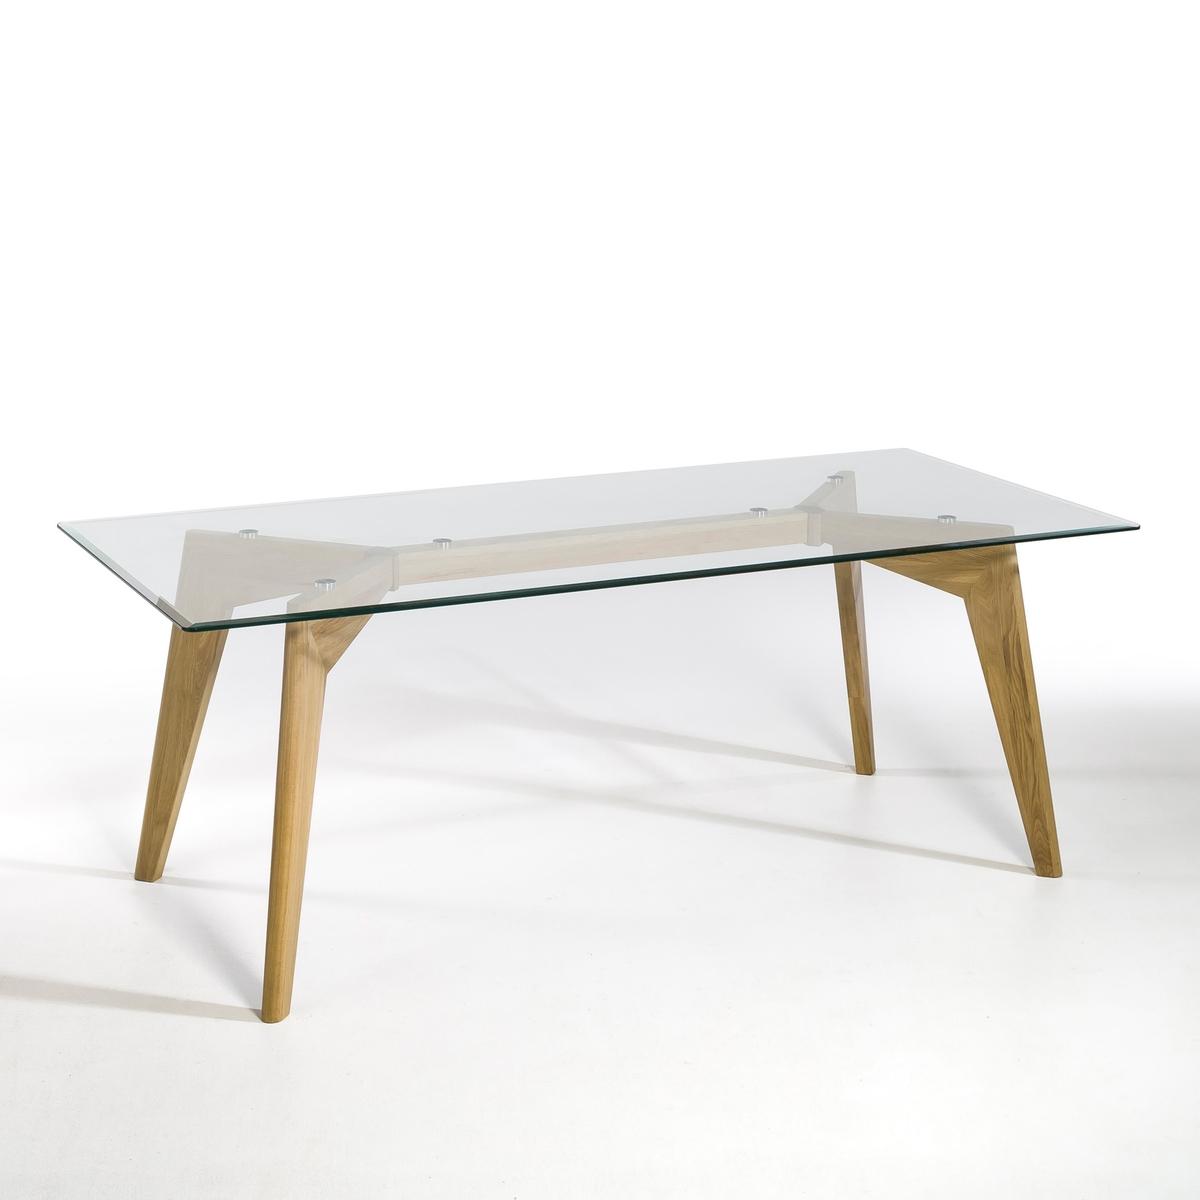 Стол прямоугольный Kristal, стекло и дуб садовая мебель стол 150 90 72см столешница стекло 8мм комплектуется 7430037